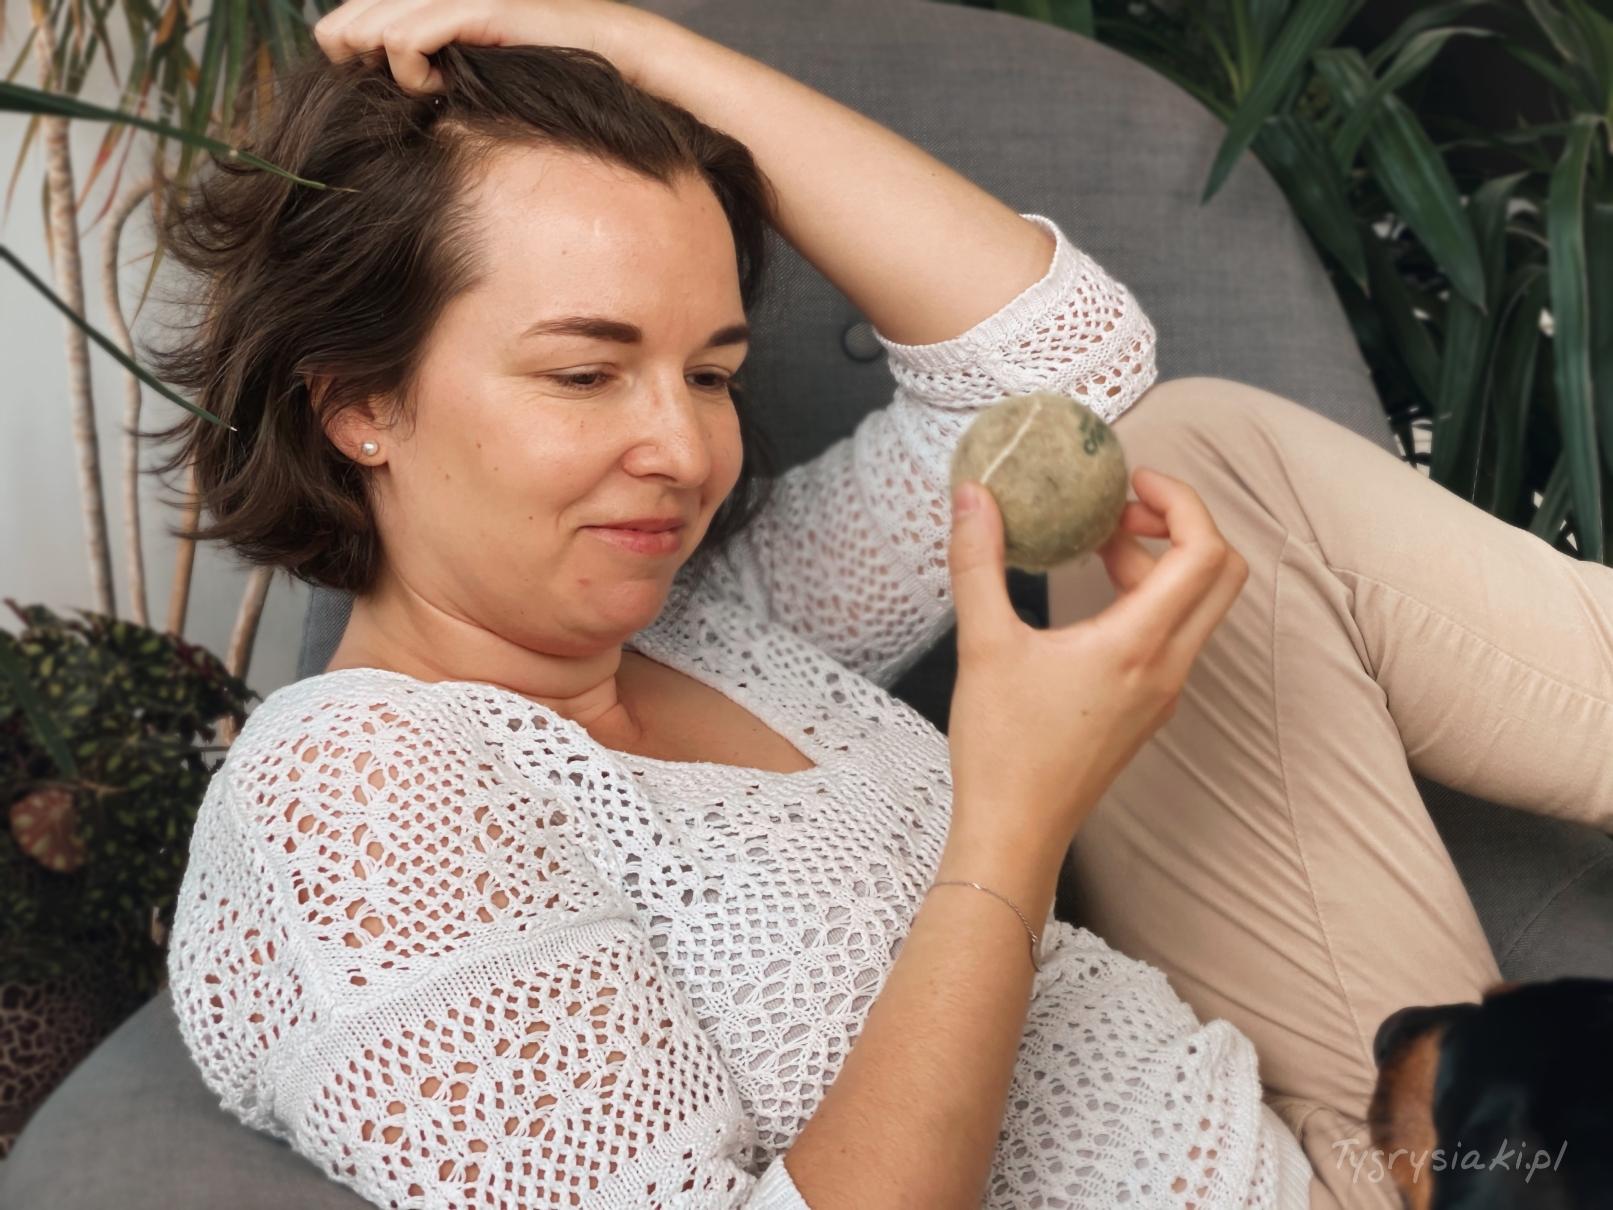 zrelaksowana kobieta siedzi nafotelu, patrzy napsią zabawkę